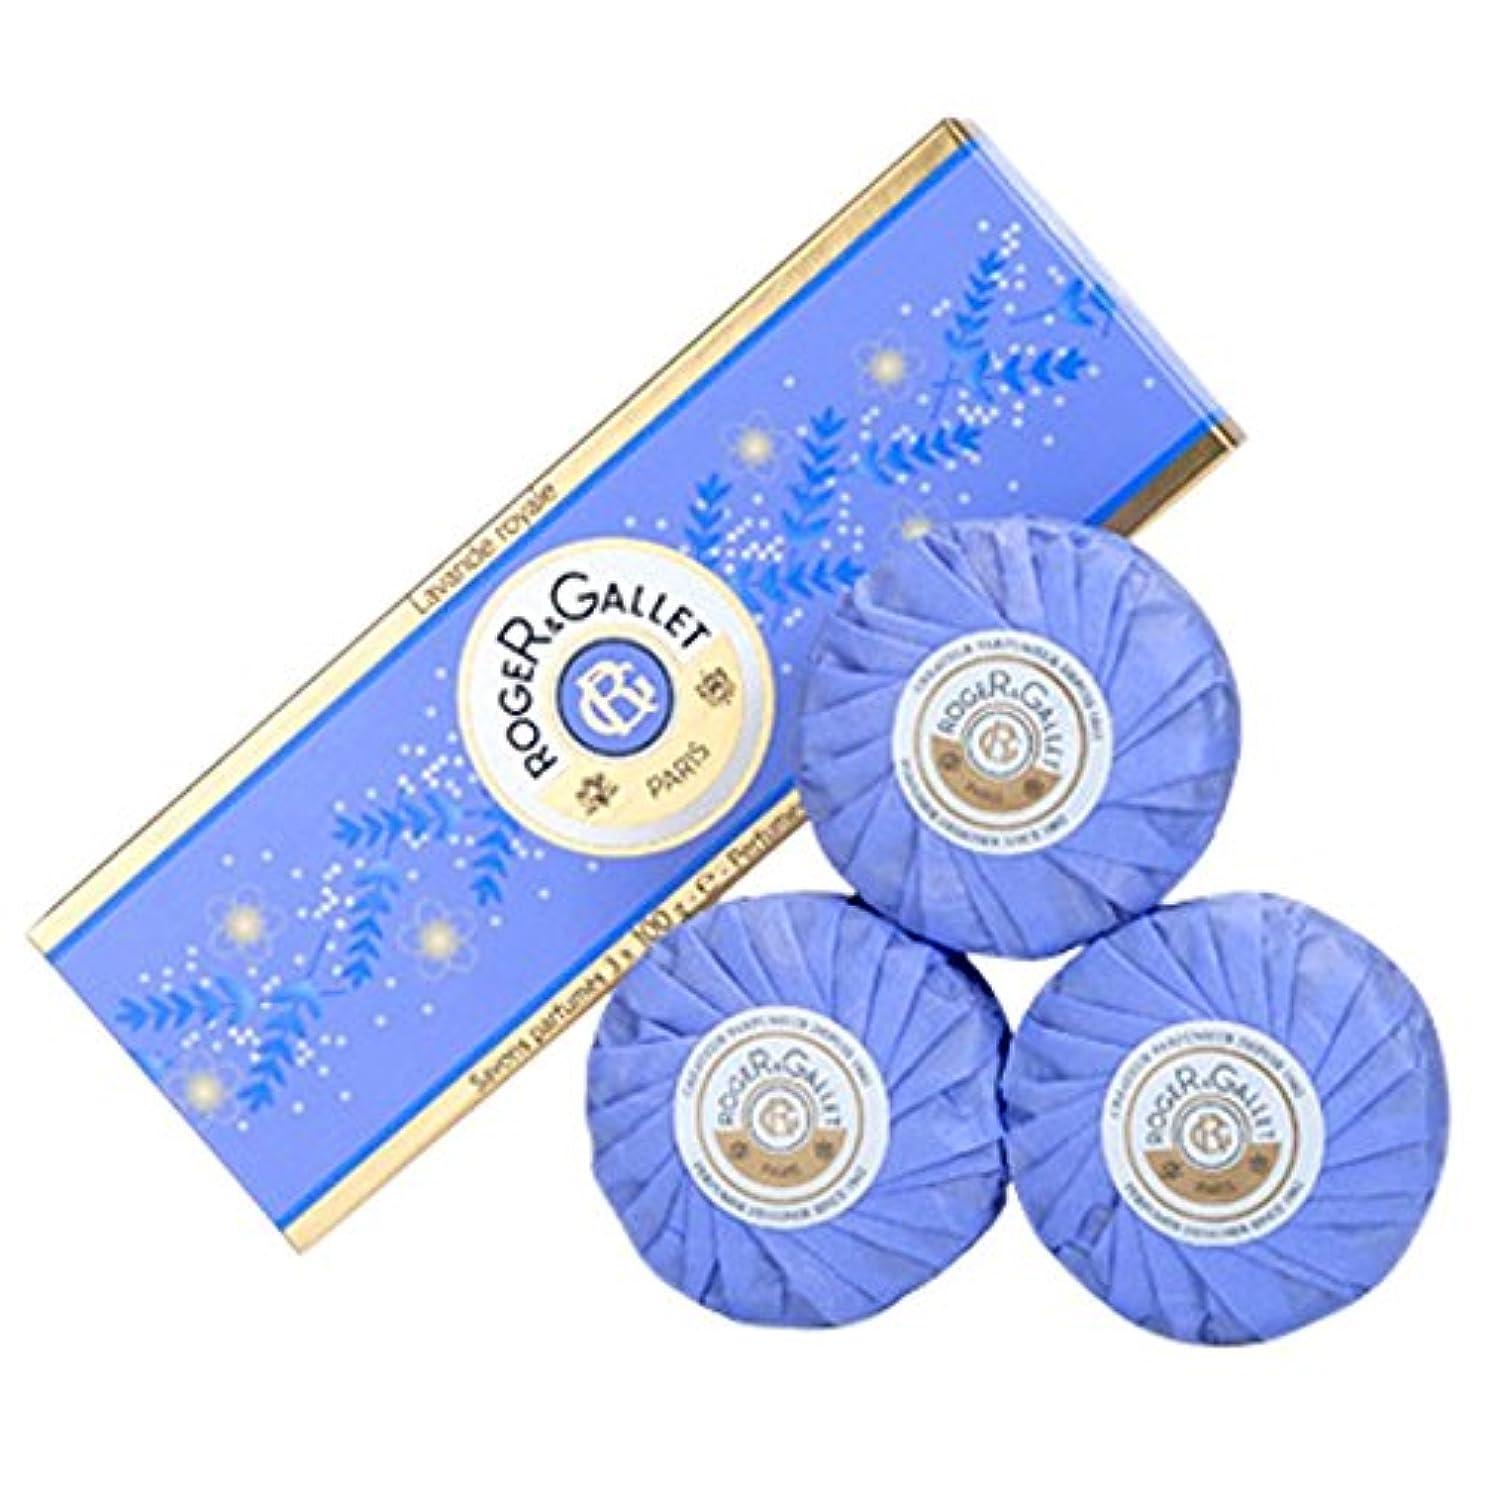 宿命ボーカル輸送ロジャー&Galletのラバンデロワイヤルソープコフレ3つのX 100グラム (Roger & Gallet) - Roger & Gallet Lavande Royale Soap Coffret 3 x 100g...